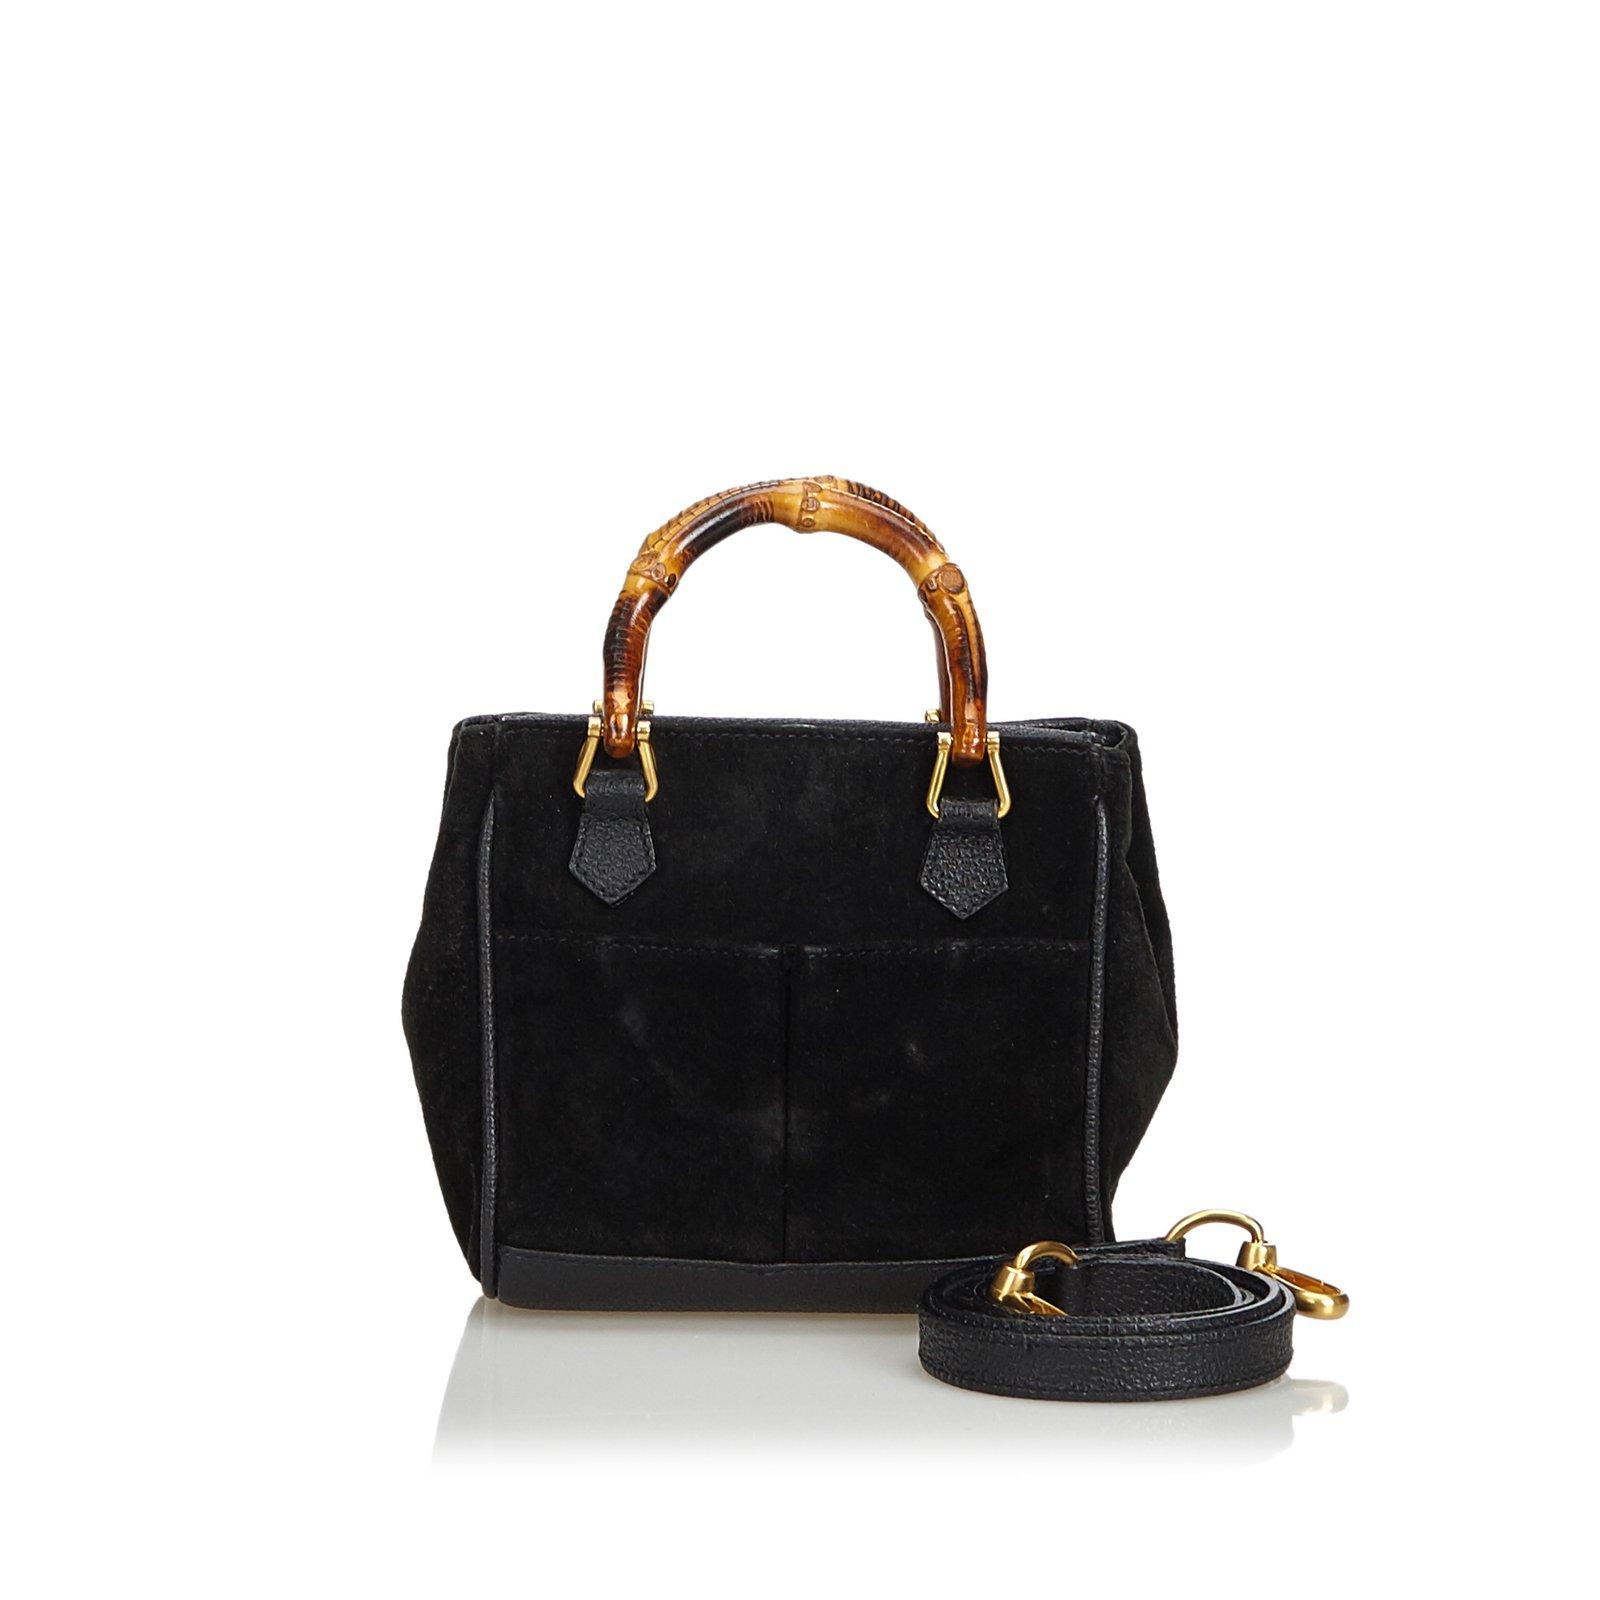 953fa19a8404 Gucci Bamboo Suede Satchel Handbags Suede